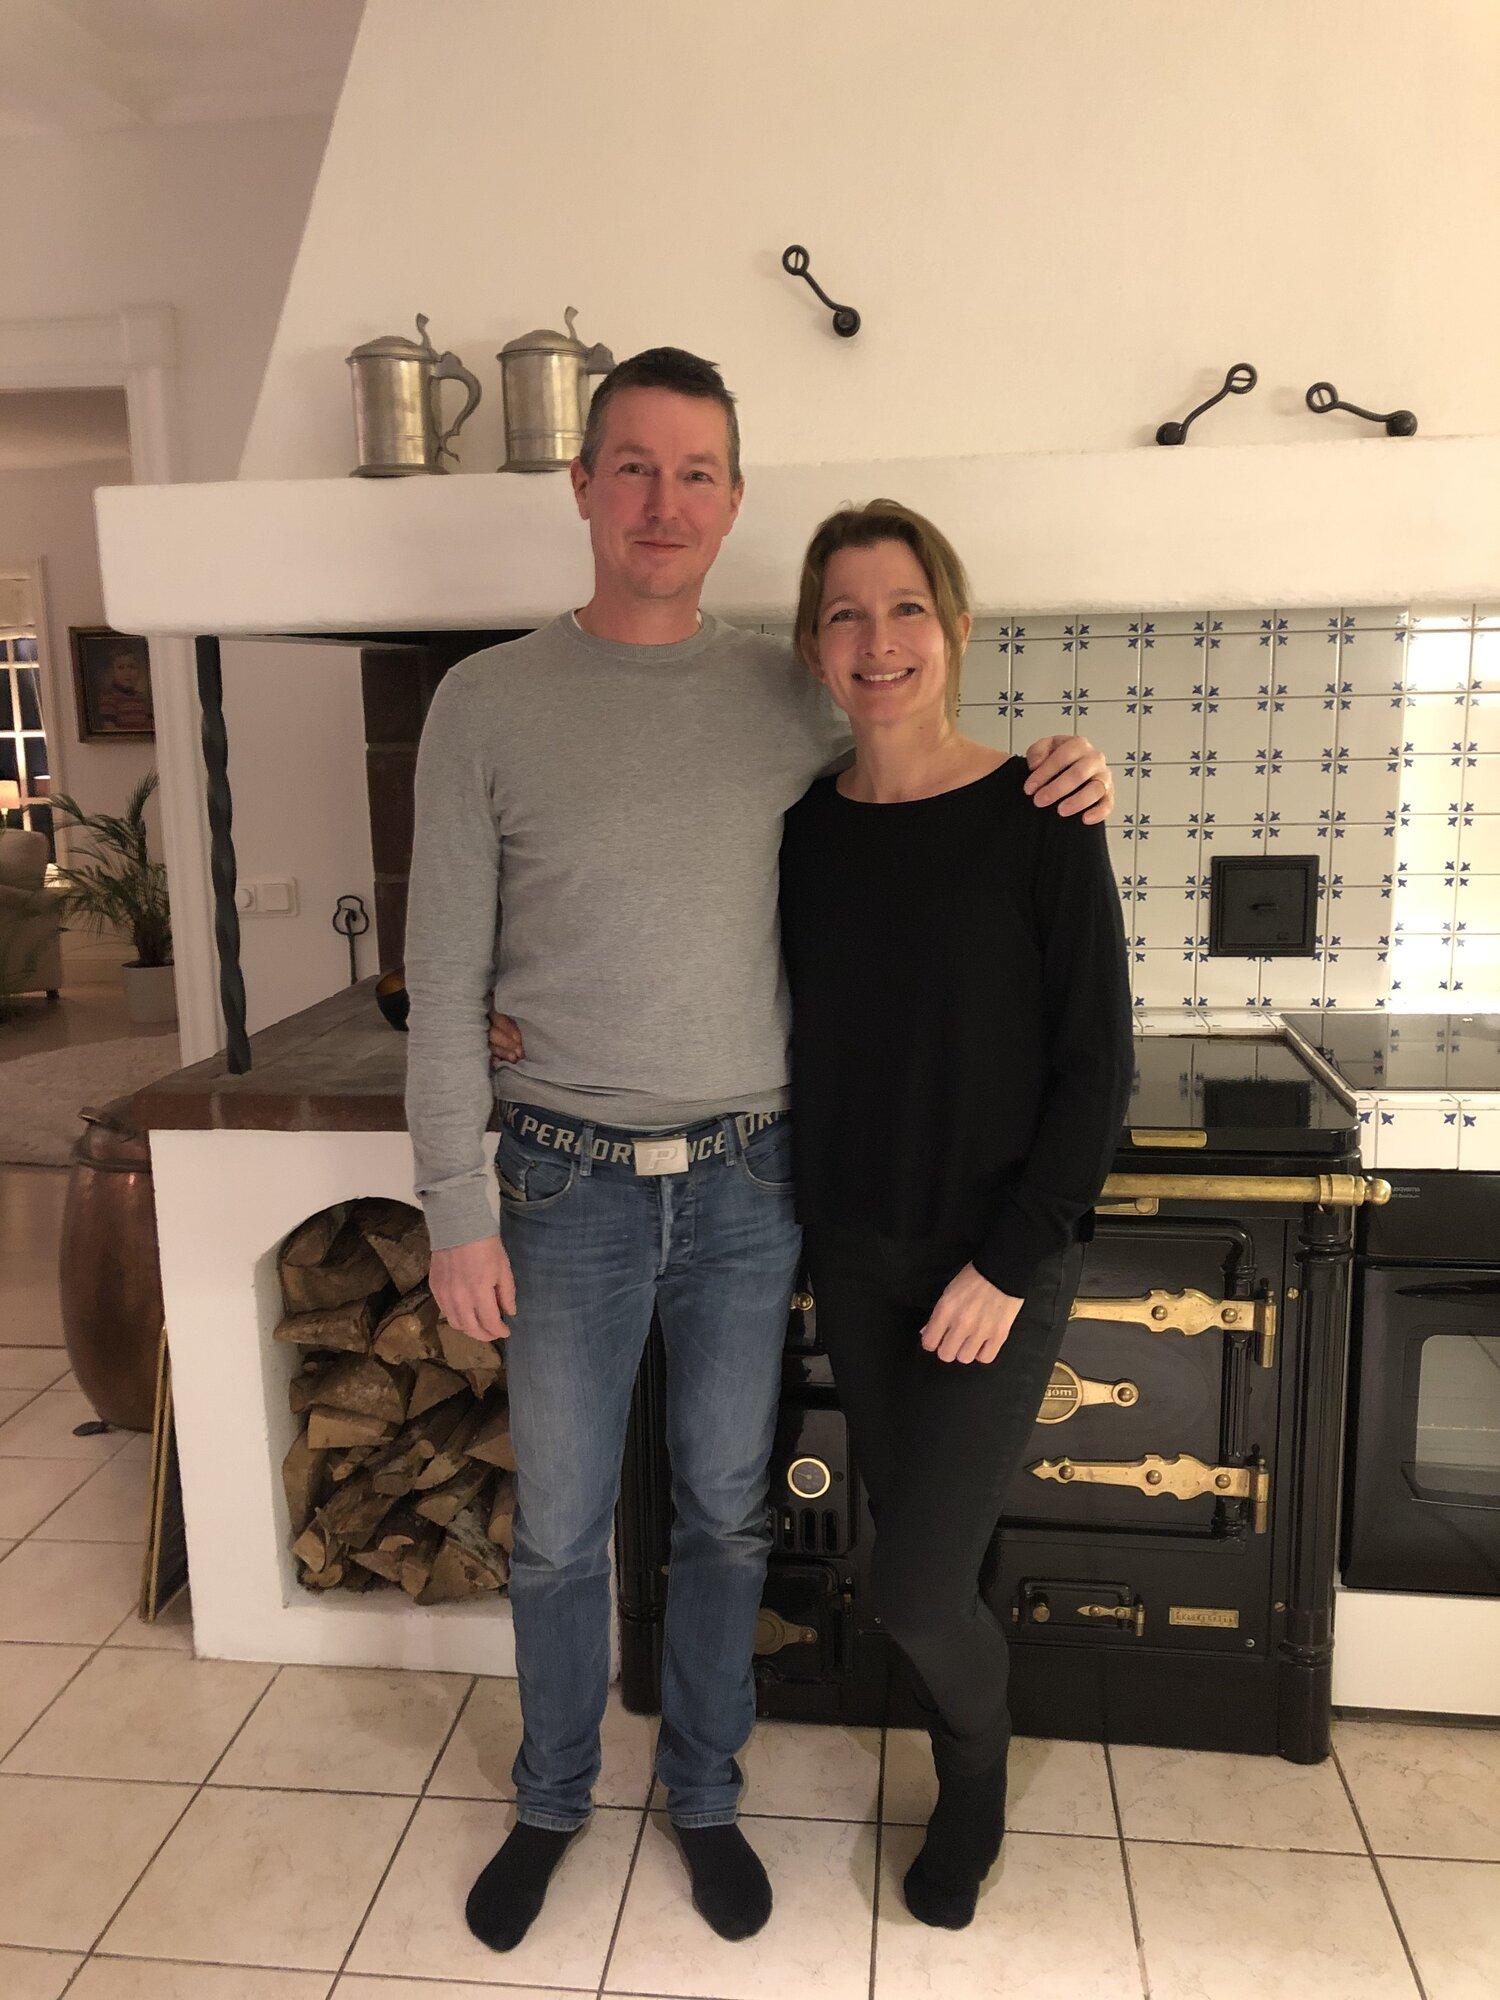 """Anders, 53, som fick diagnosen mitt i livet: """"Pappa, kommer Alzheimern göra att du glömmer bort vem jag är?"""